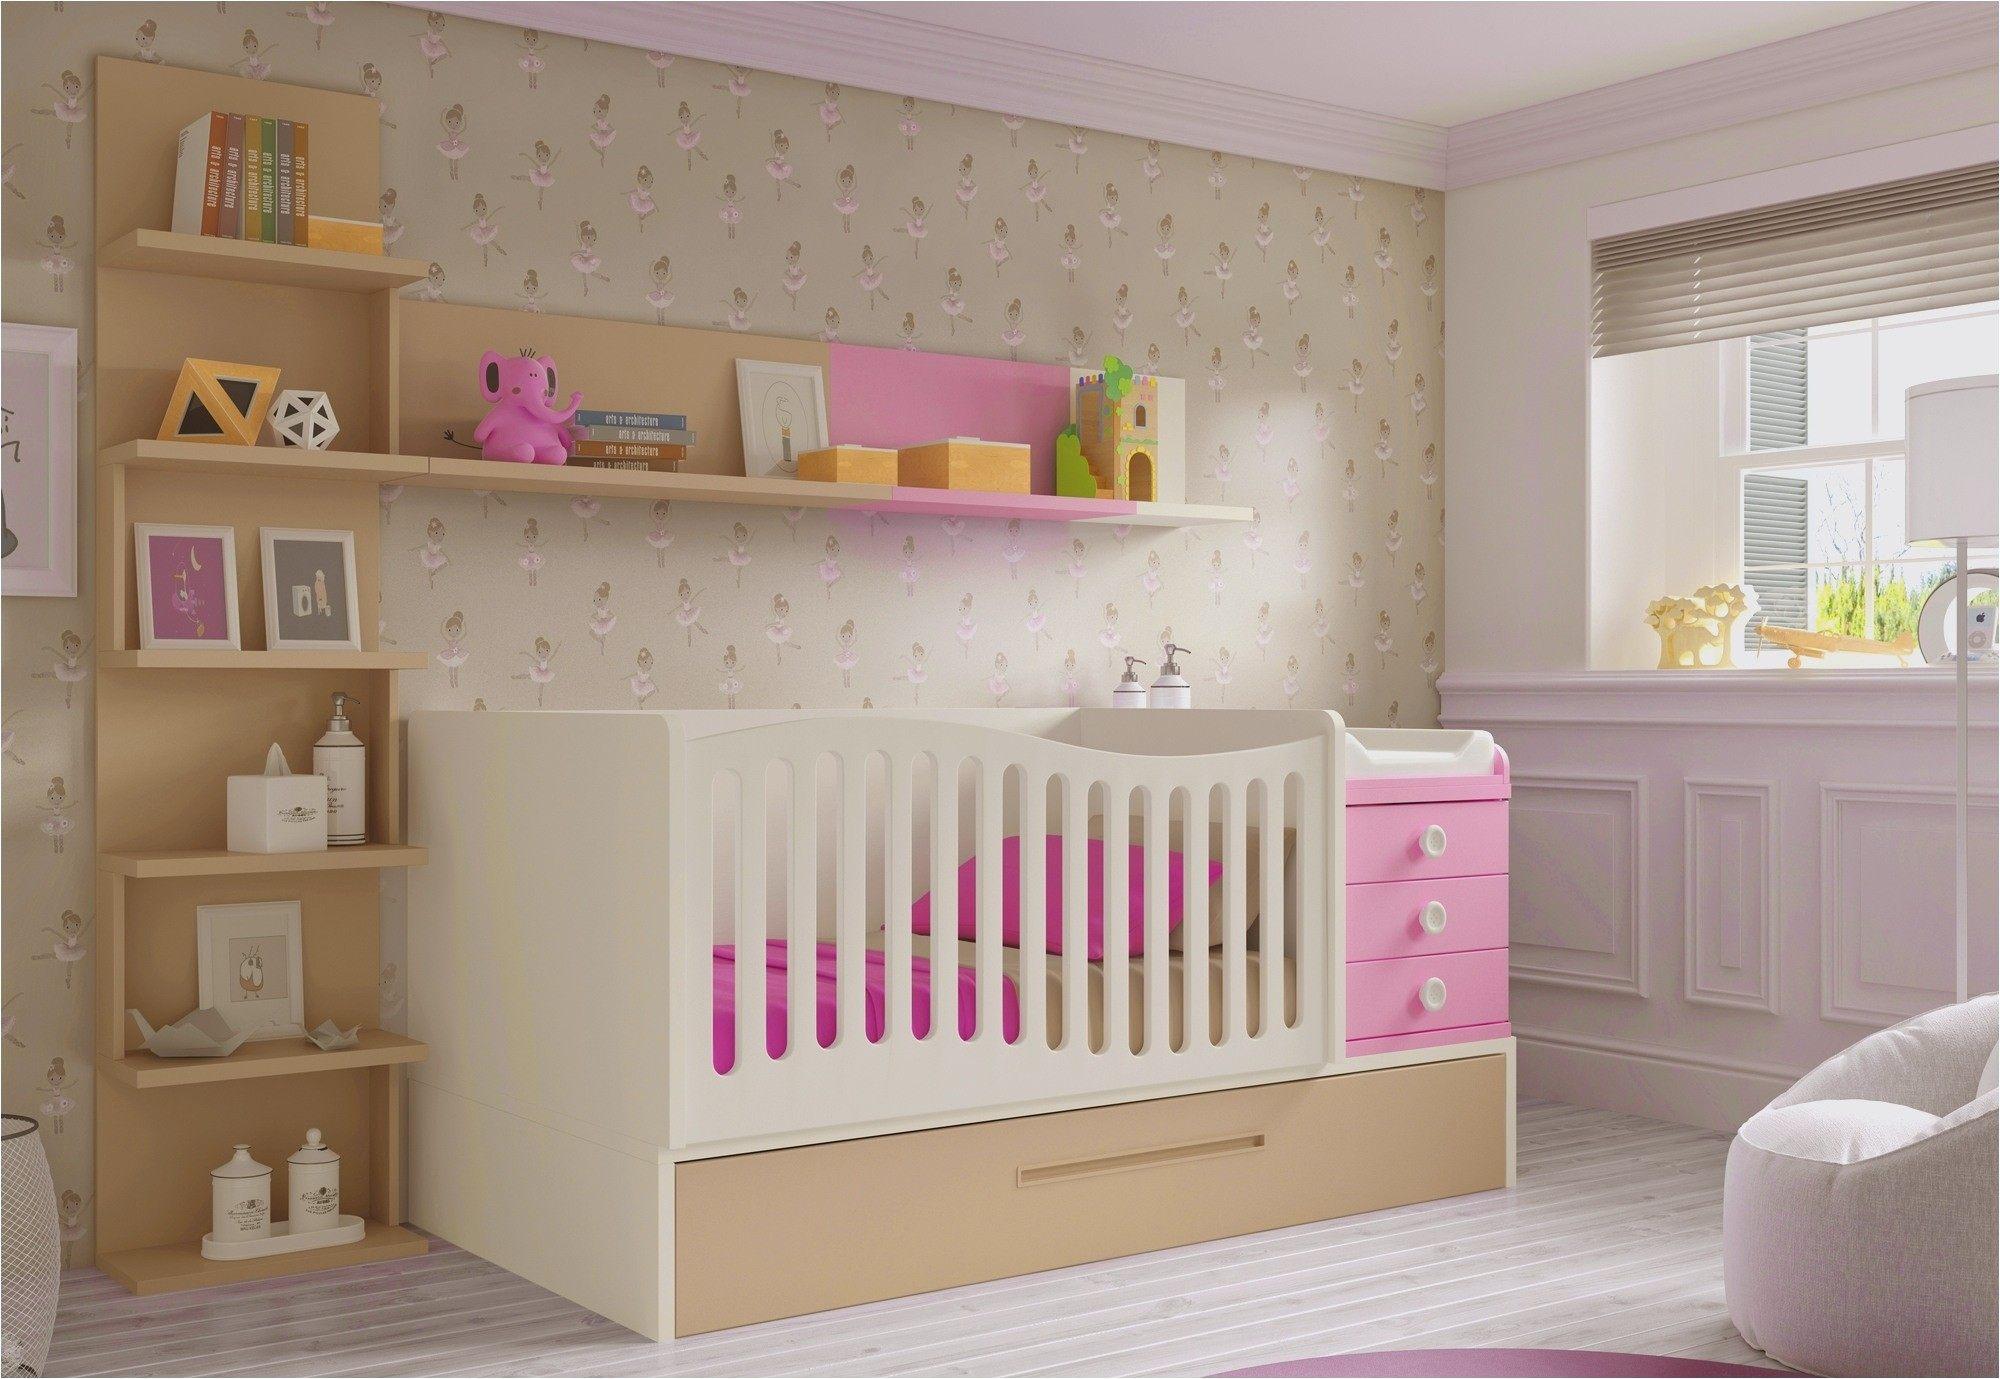 Lit Bébé Blanc Pas Cher Agréable Baignoire Pliante Bébé Beautiful Lit Bebe Luxe 36 Ikea Best De Avec